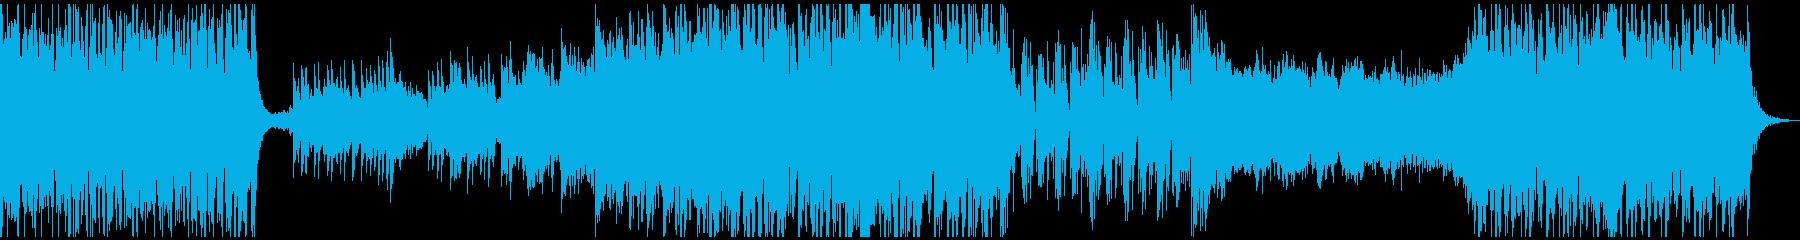 力強いオーケストラ パワフル 短調の再生済みの波形